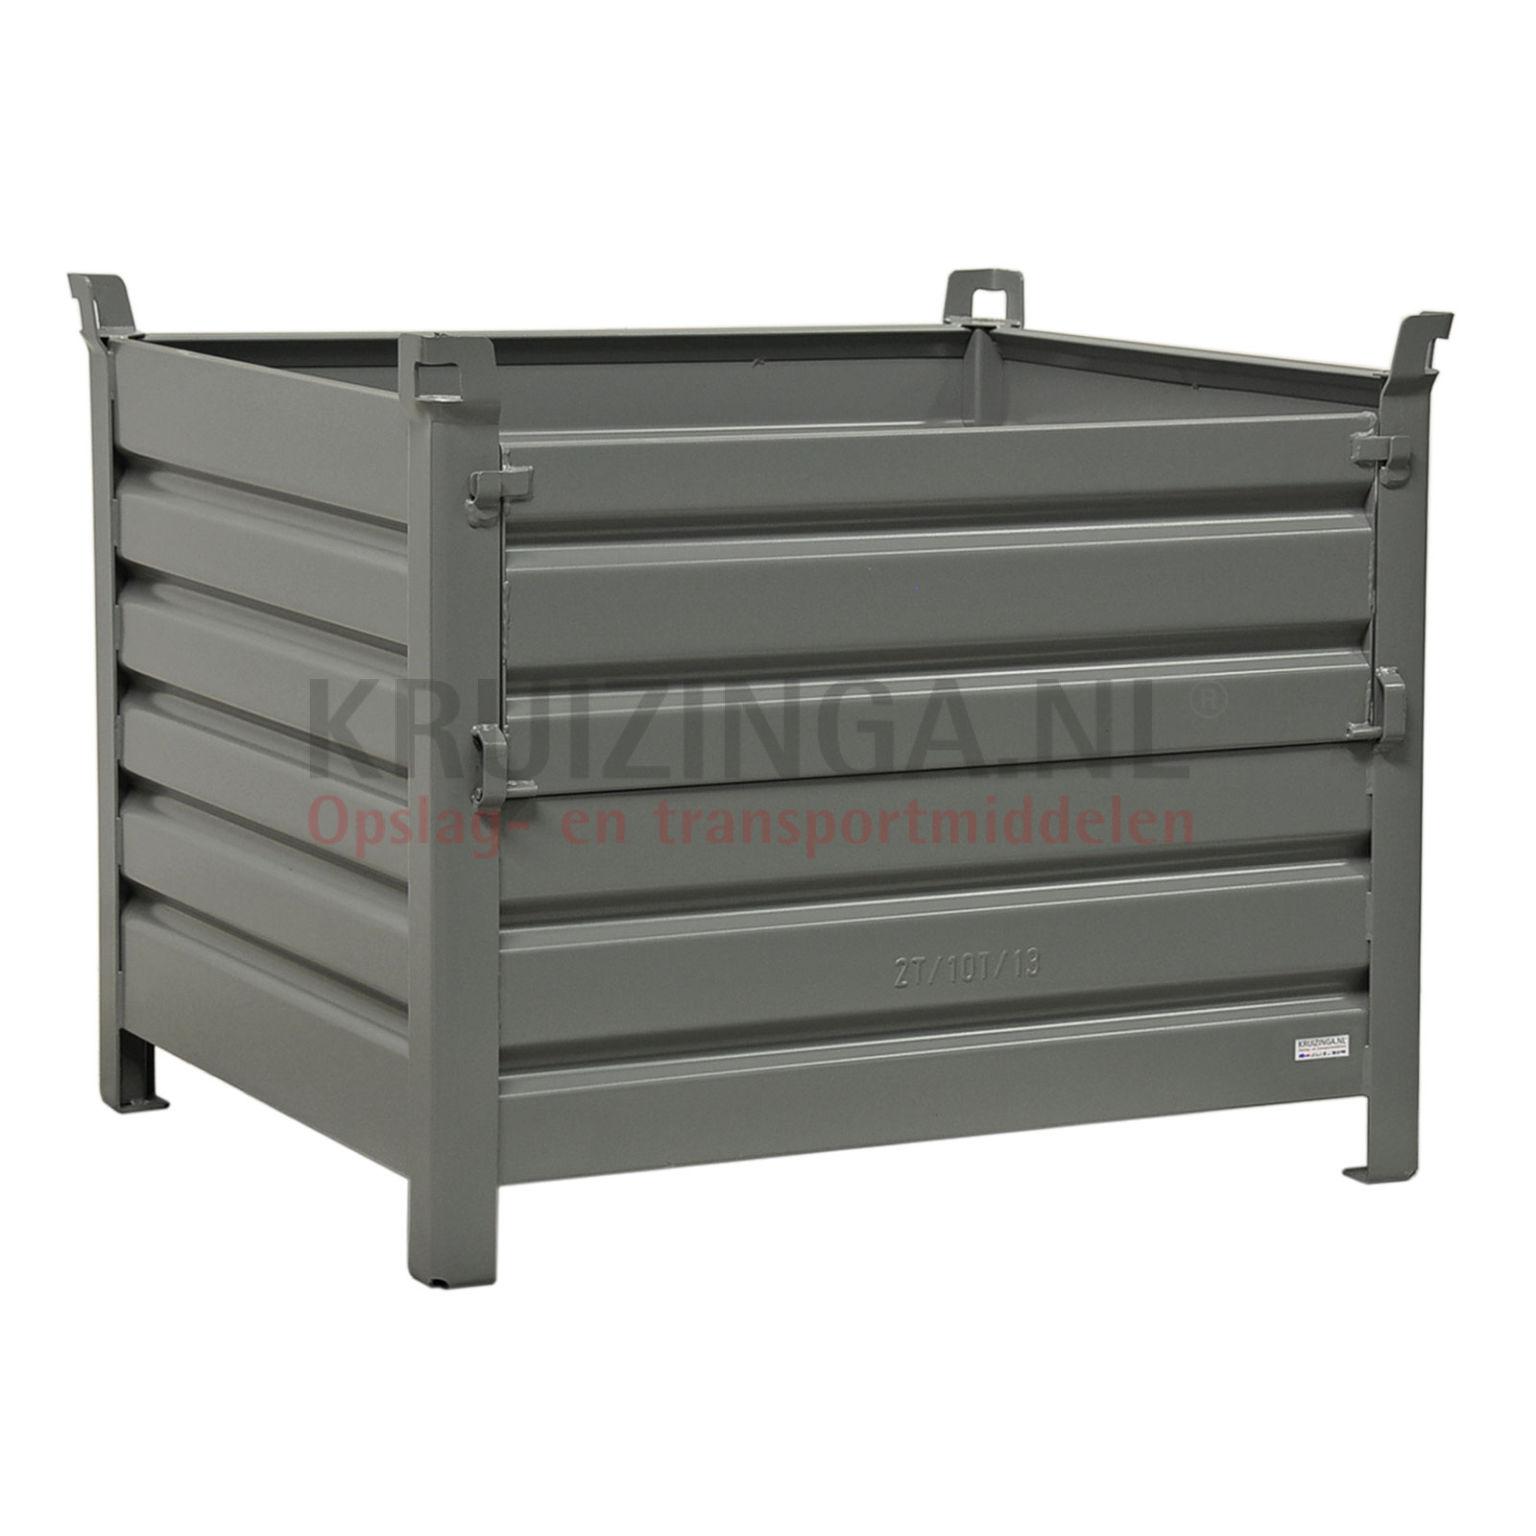 bac de rangement acier construction robuste bac empilable 1 clapet sur 1 c t longue partir de. Black Bedroom Furniture Sets. Home Design Ideas